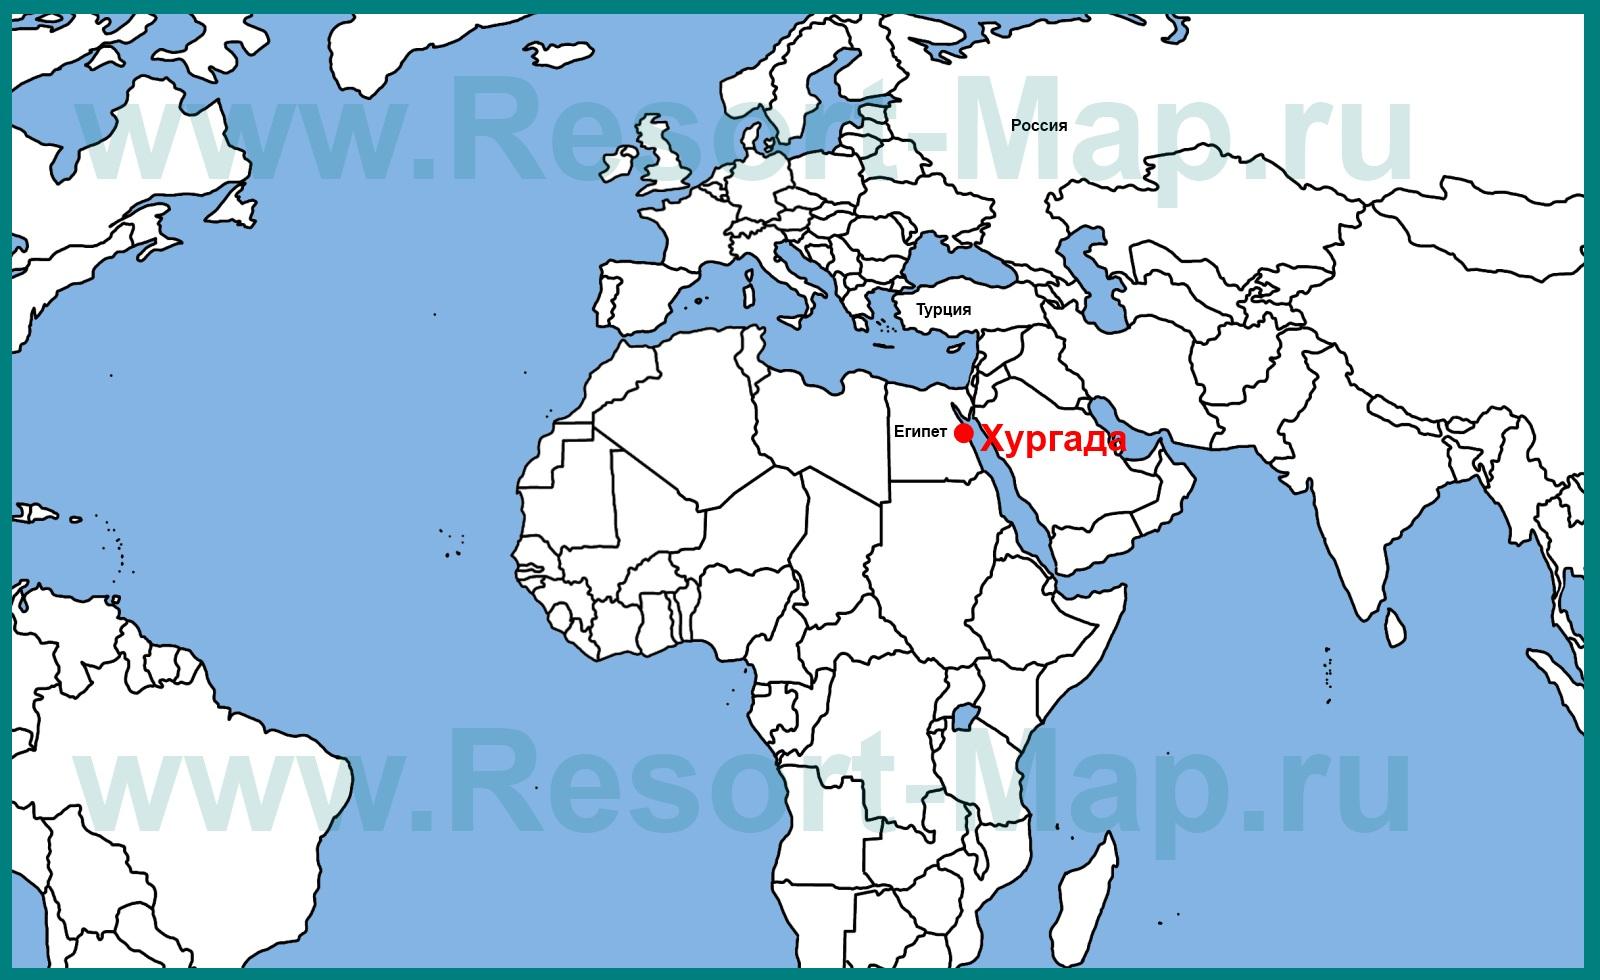 Хурдага на карте мира